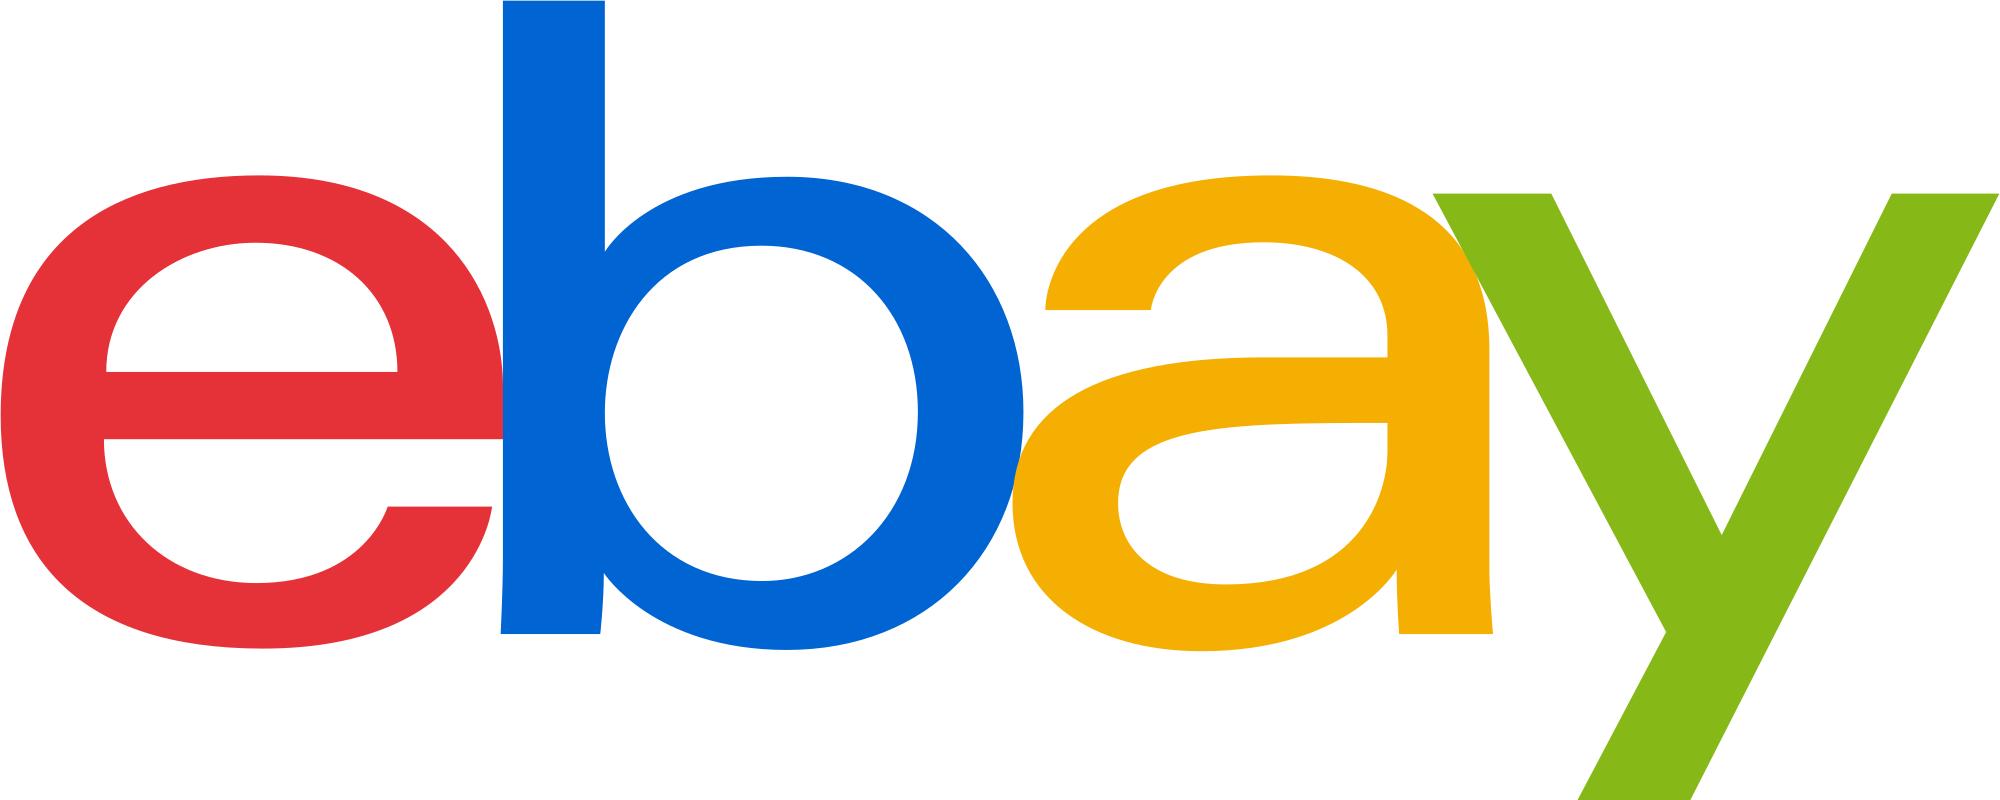 ebay Australien Gutschein 10% auf alles bei Einkauf über 94€